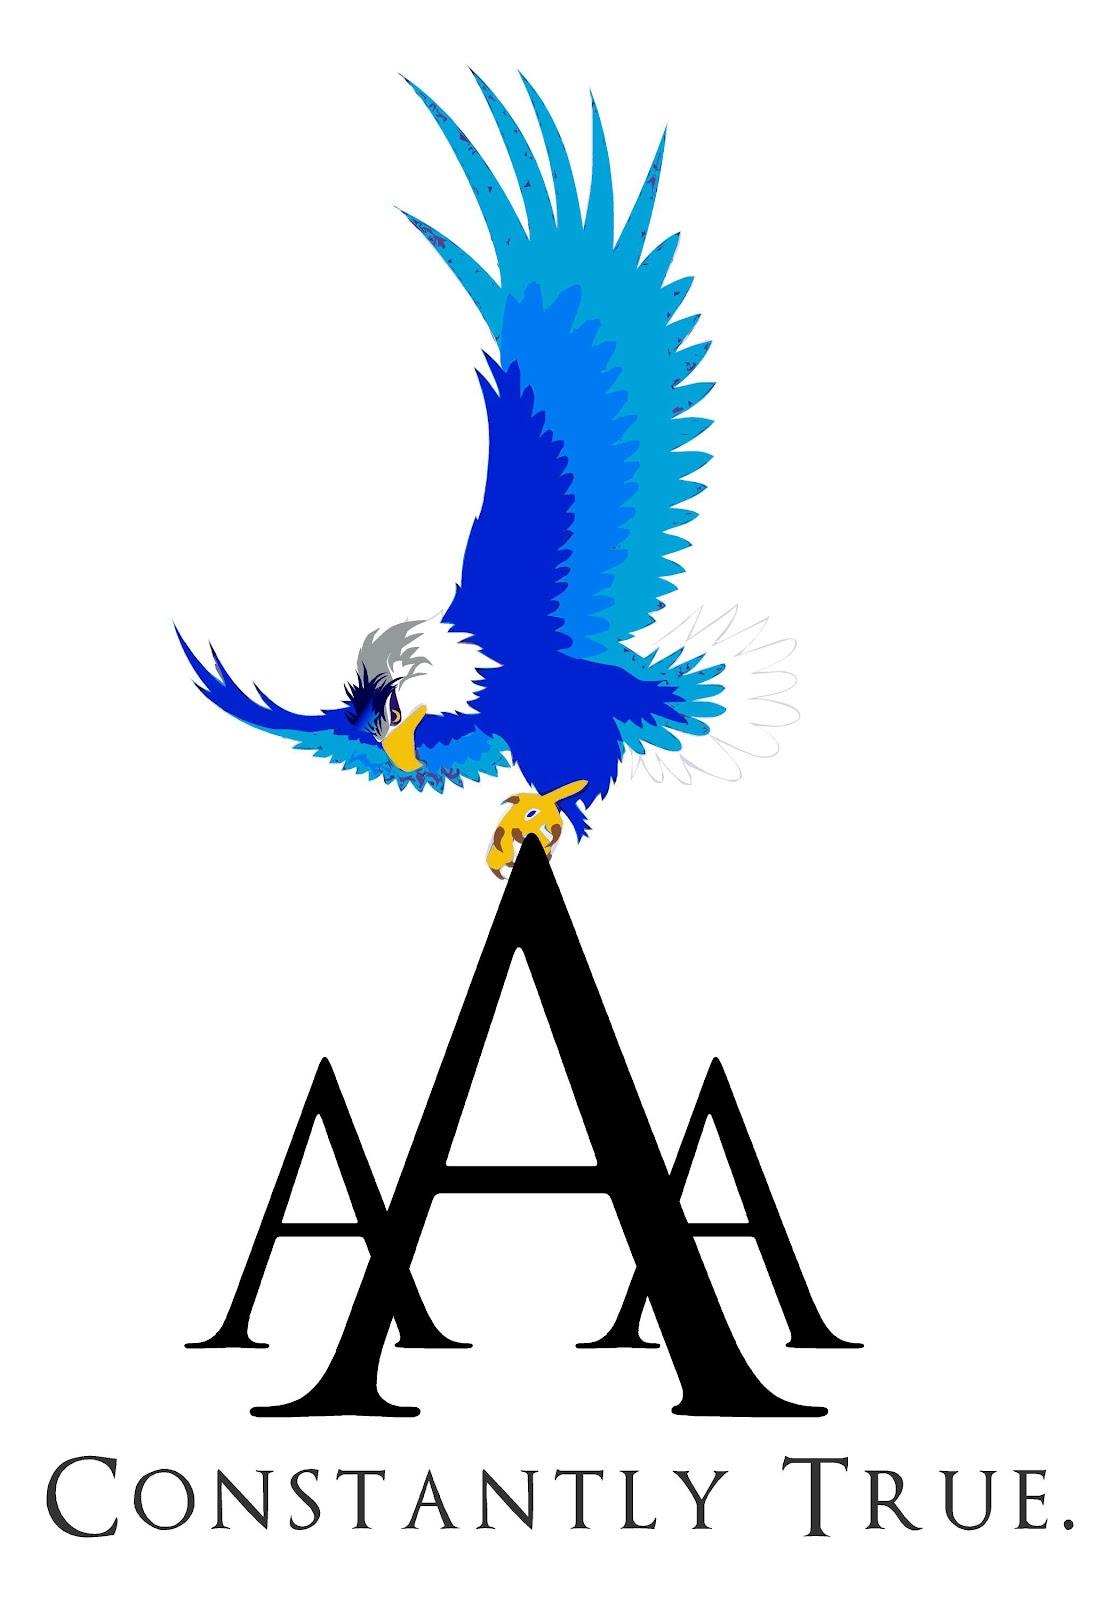 AAA 2010 logo_eagle.jpg